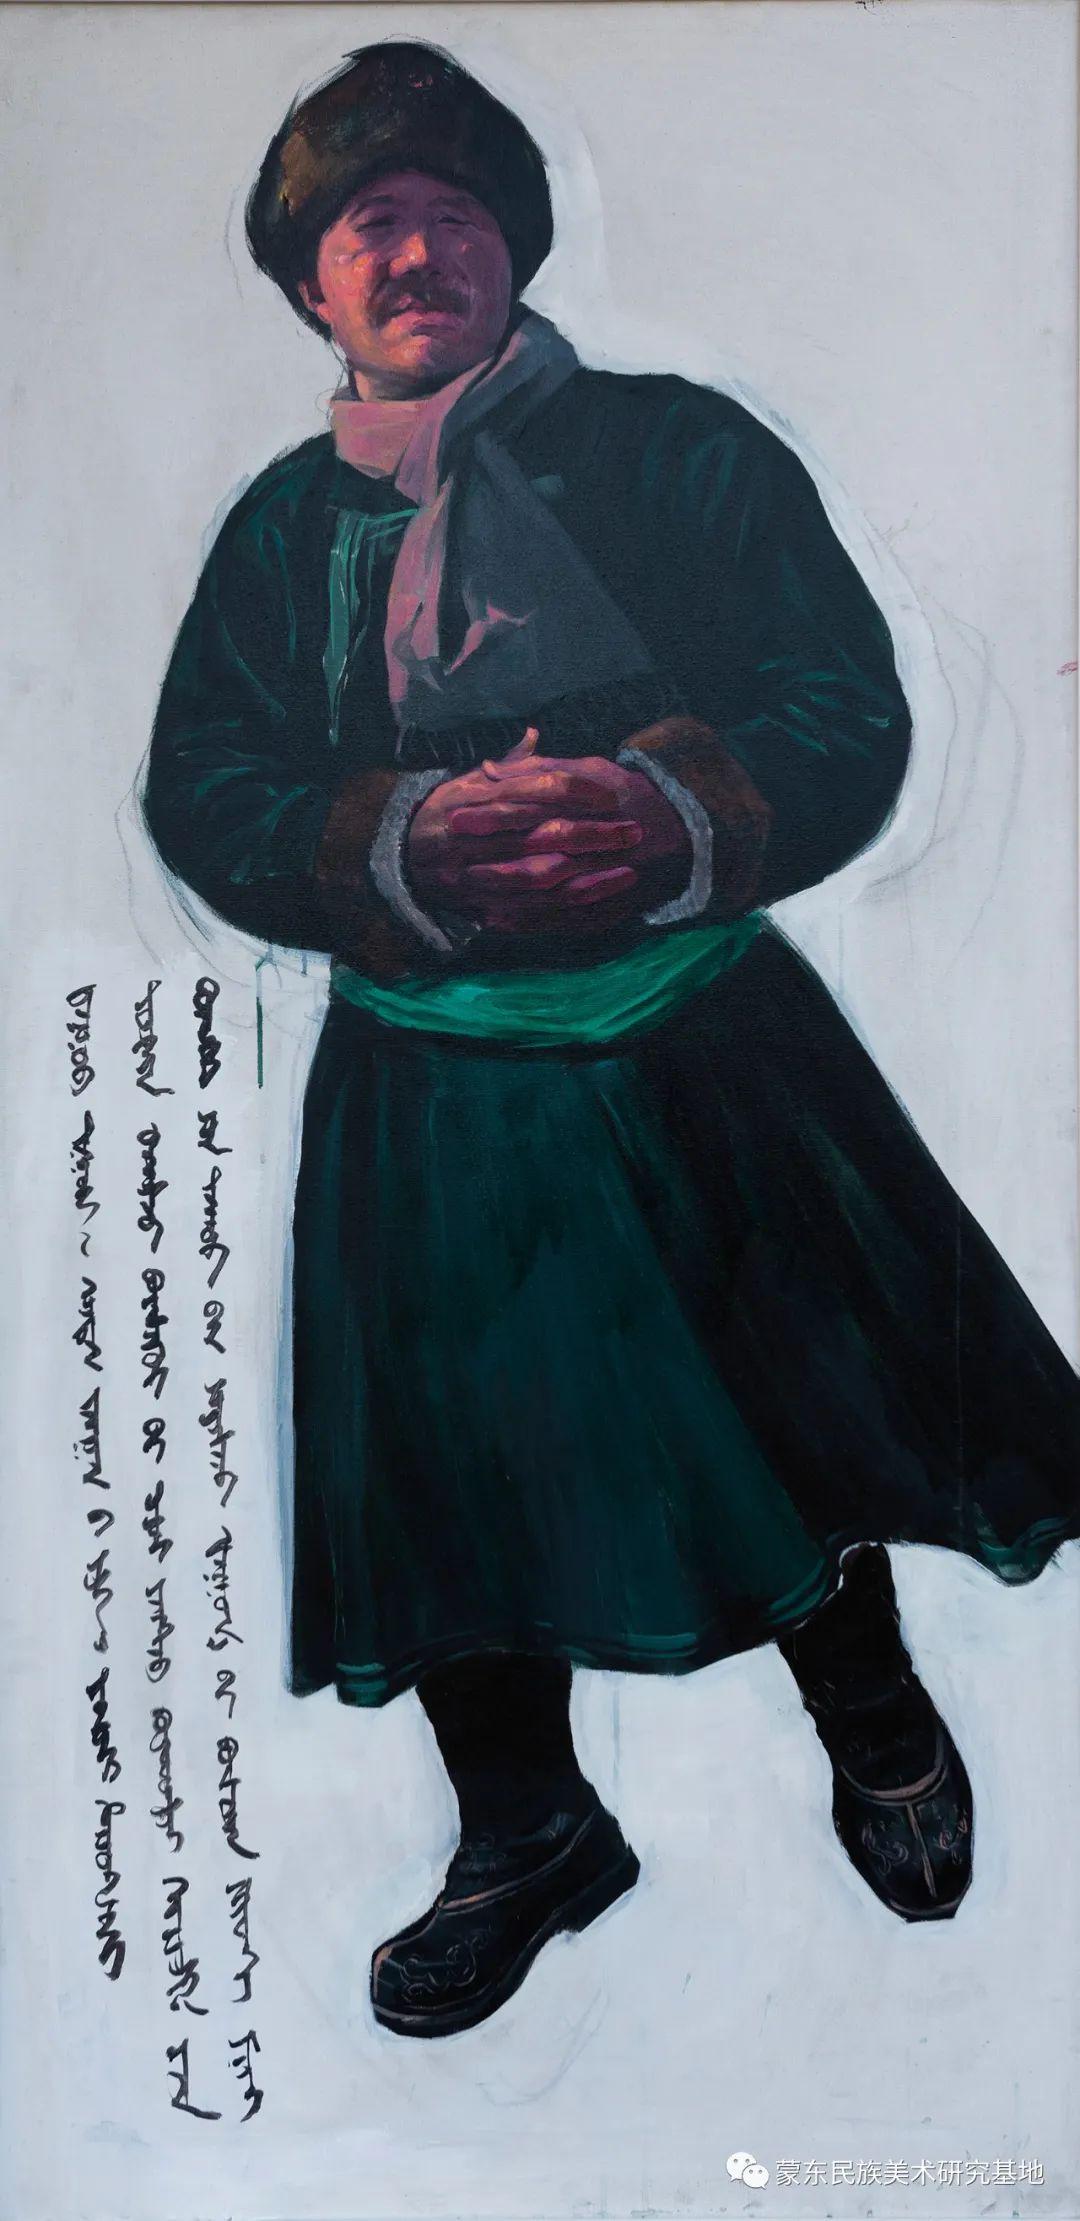 科尔沁首届油画展作品集 第53张 科尔沁首届油画展作品集 蒙古画廊